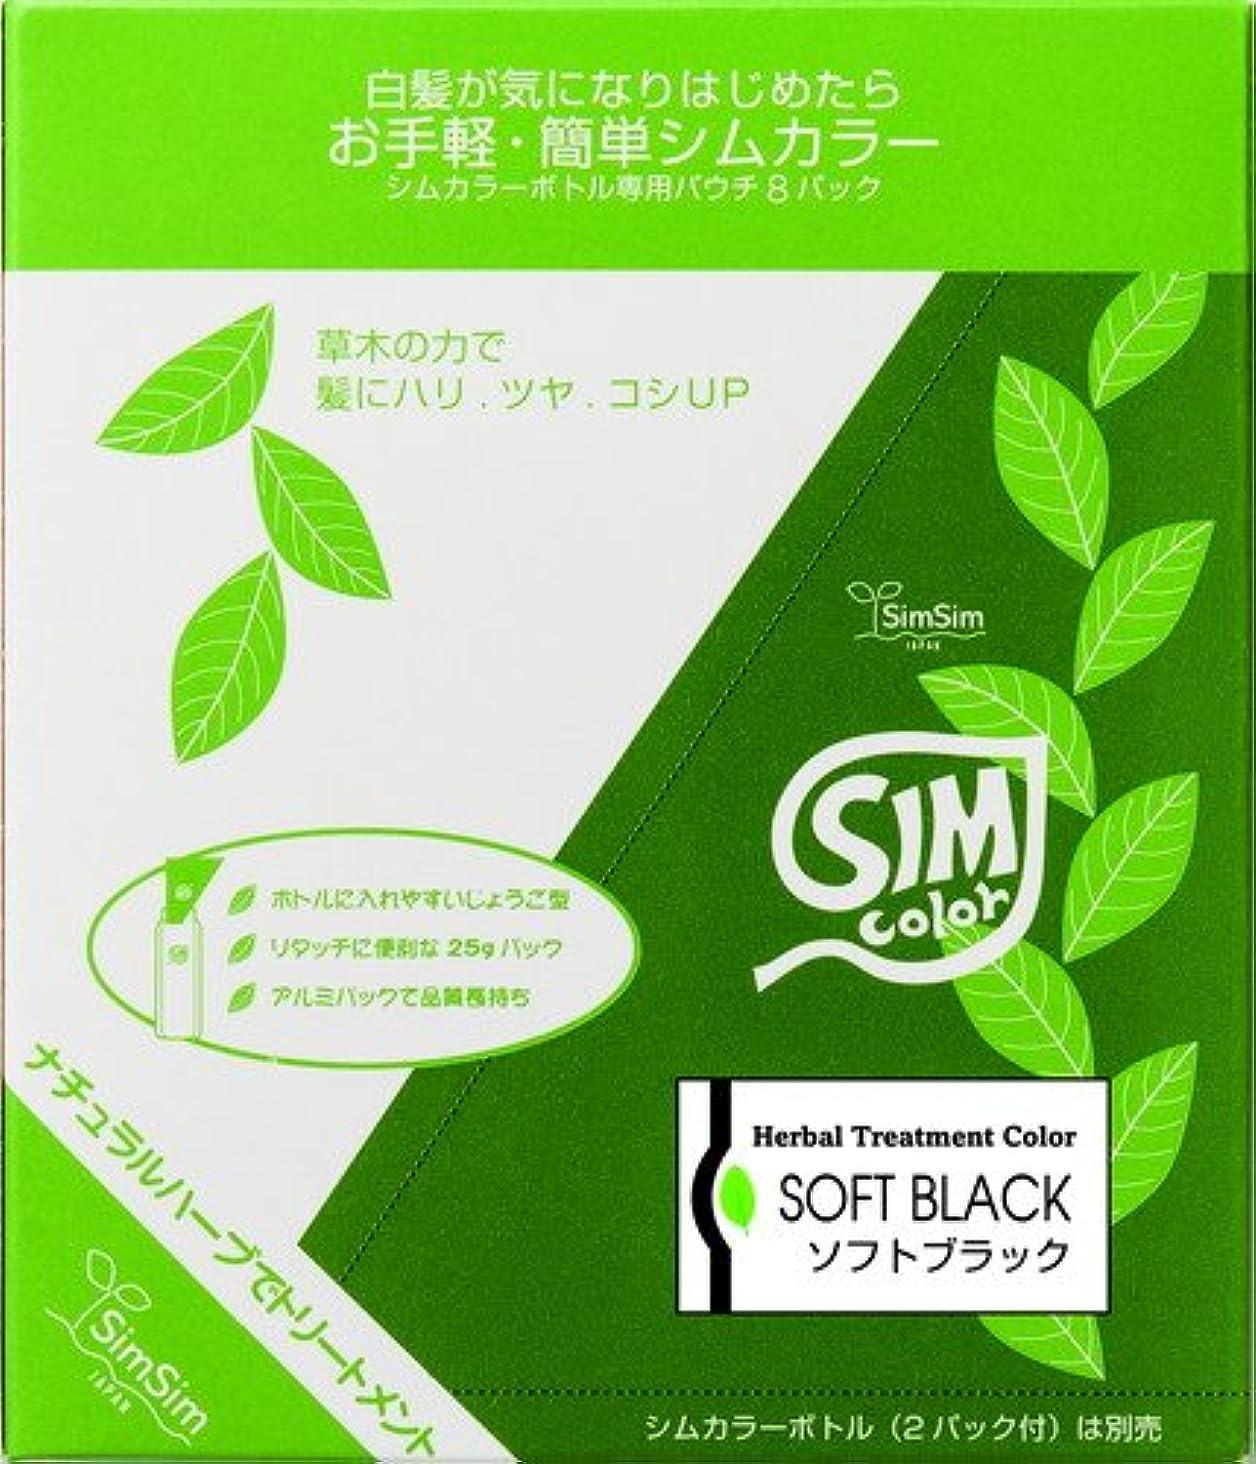 野ウサギ米ドルペルメルSimSim(シムシム)お手軽簡単シムカラーエクストラ(EX)25g 8袋 ソフトブラック